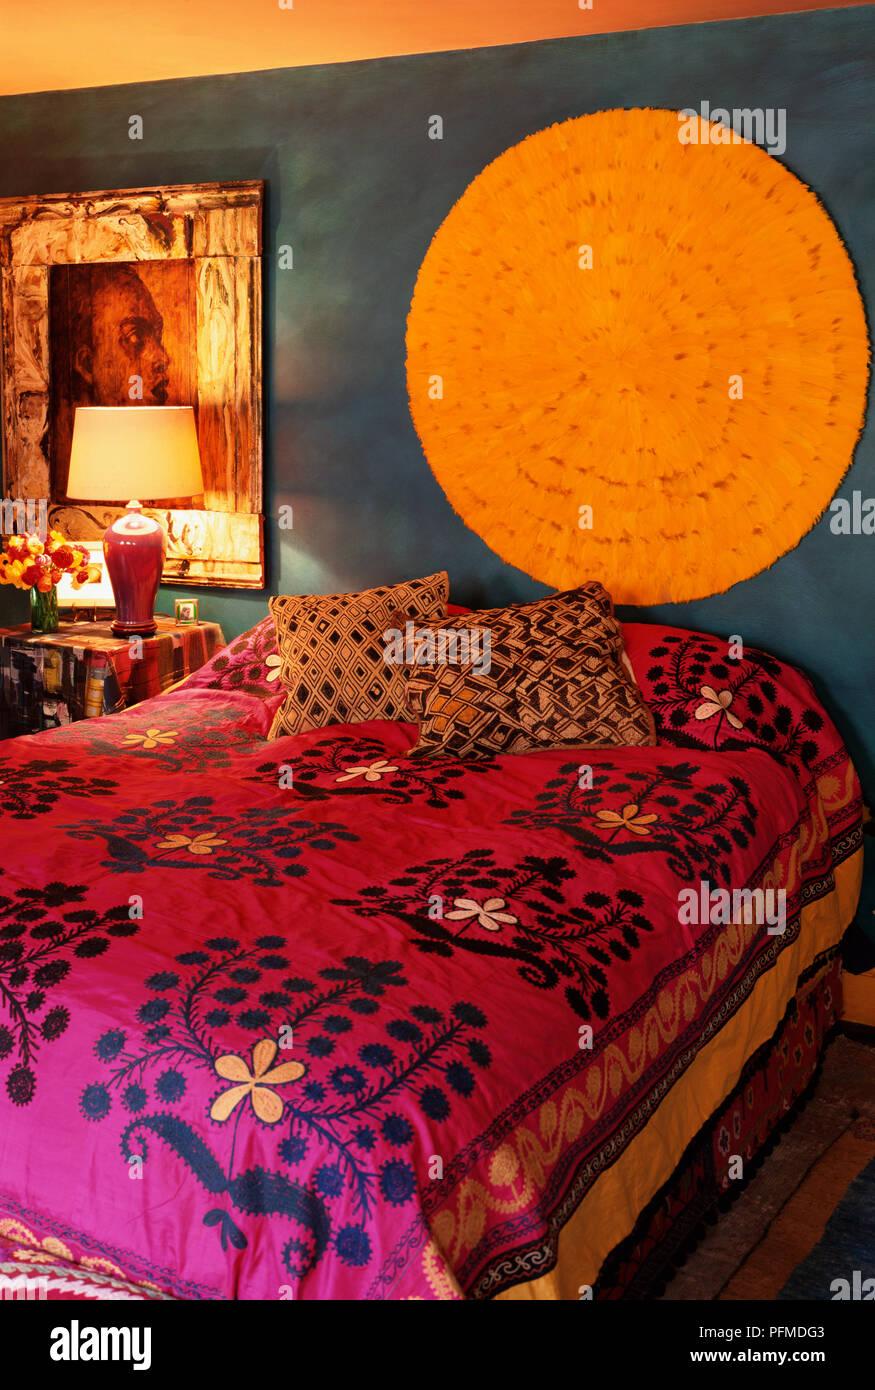 Im Indischen Stil Gestalteten Schlafzimmer Mit Rosa Und Rot Gemusterten  Bettdecken, Gold Und Braun Kissen Auf Dem Bett Verstreut, Dunkle Blaue  Wände, ...